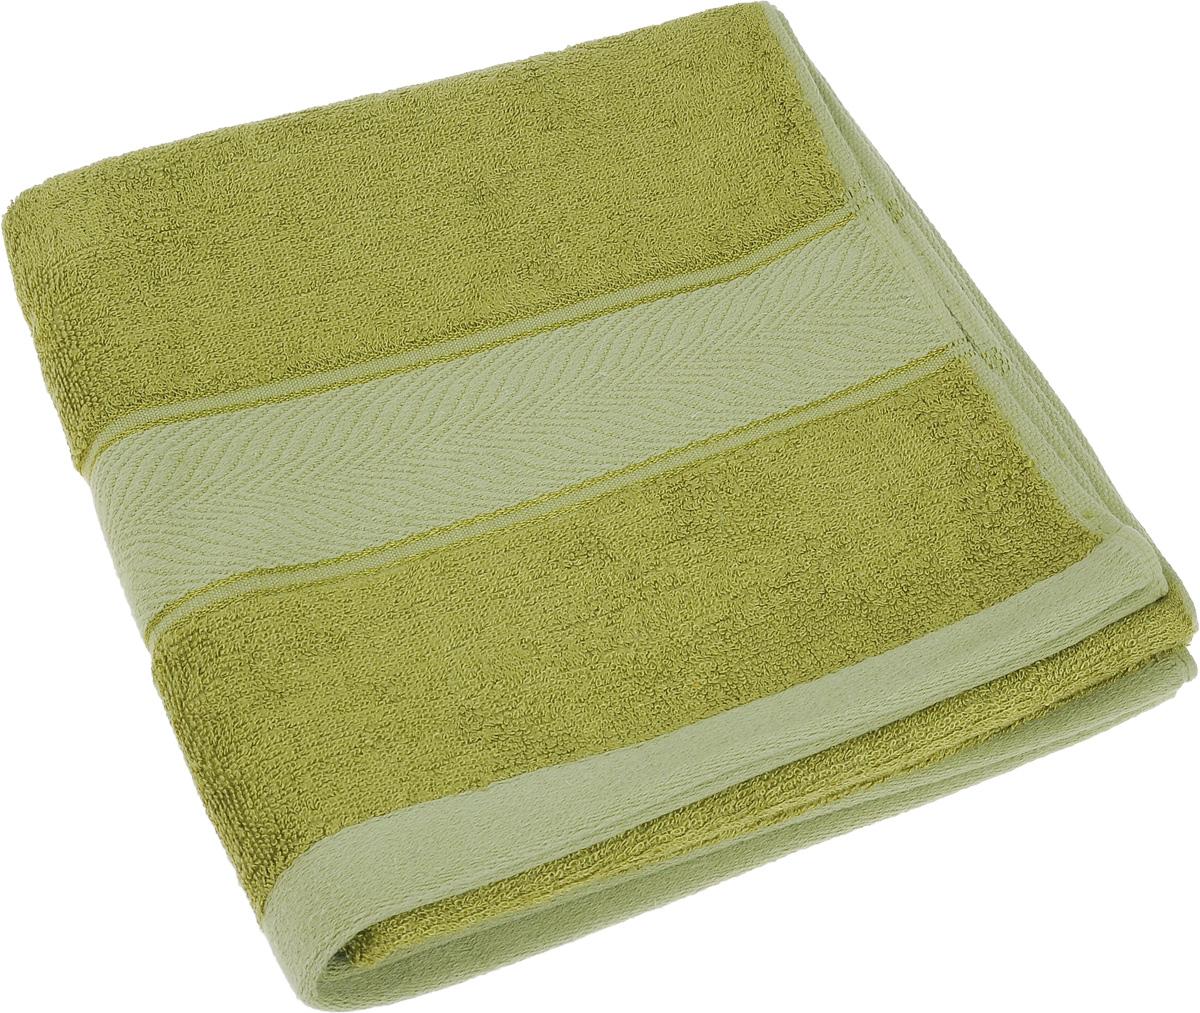 Полотенце Soavita Stefano, цвет: зеленый, 50 х 100 см68/5/1Полотенце Soavita Stefano выполнено из 100% бамбукового волокна. Изделие отлично впитывает влагу, быстро сохнет, сохраняет яркость цвета и не теряет форму даже после многократных стирок. Полотенце очень практично и неприхотливо в уходе. Оно создаст прекрасное настроение и украсит интерьер в ванной комнате.